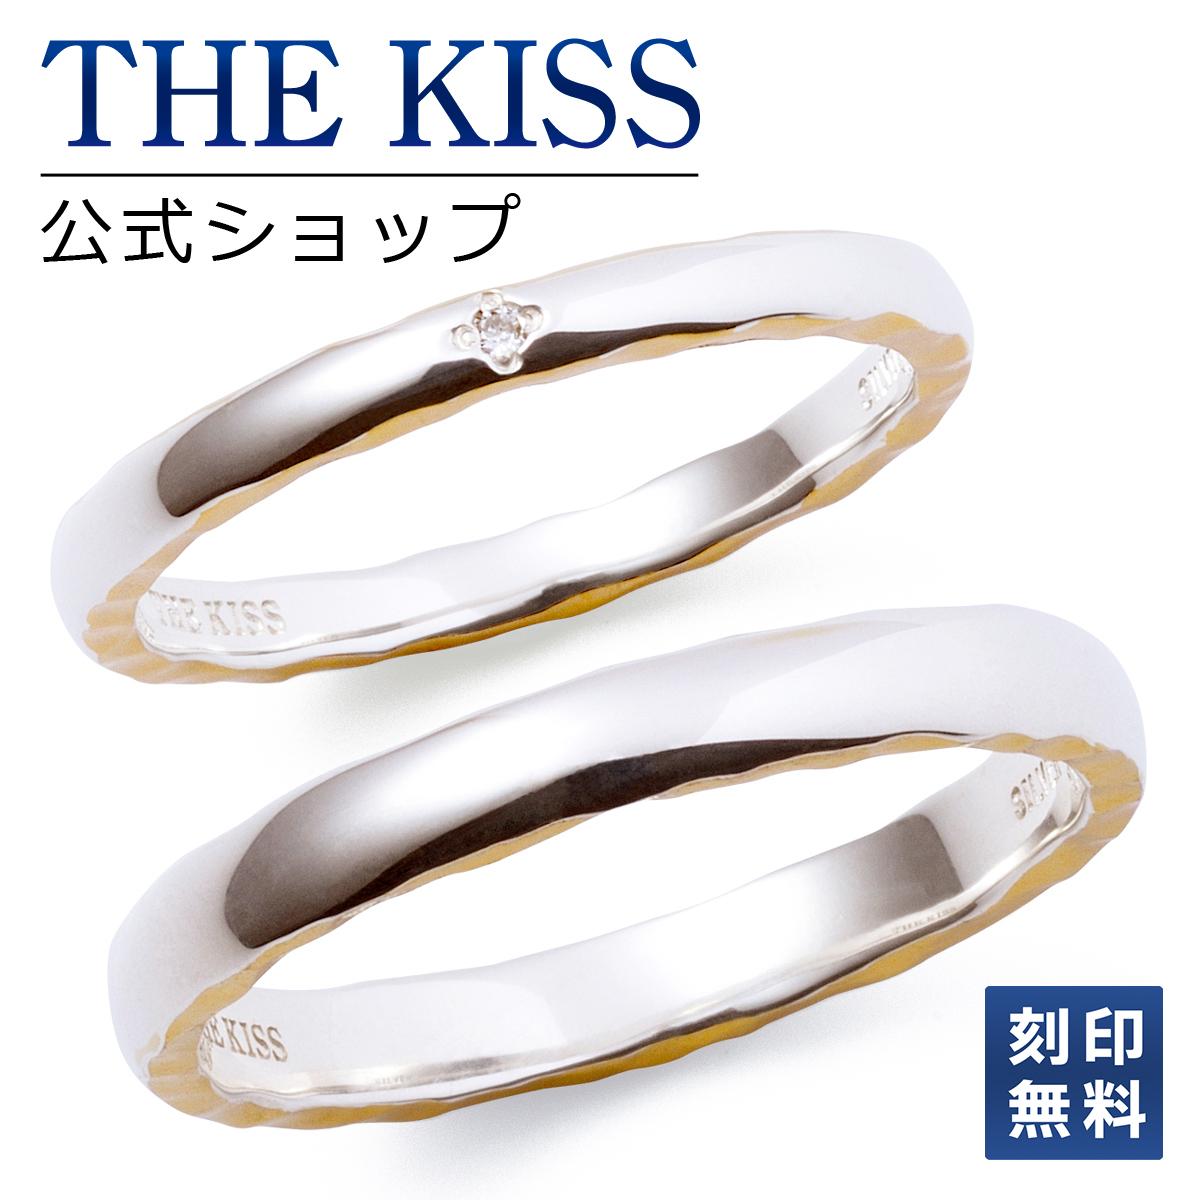 【刻印可_10文字】THE KISS 公式サイト シルバー ペアリング ペアアクセサリー カップル に 人気 の ジュエリーブランド THEKISS ペア リング・指輪 記念日 プレゼント SR2014DM-2015 セット シンプル ザキス